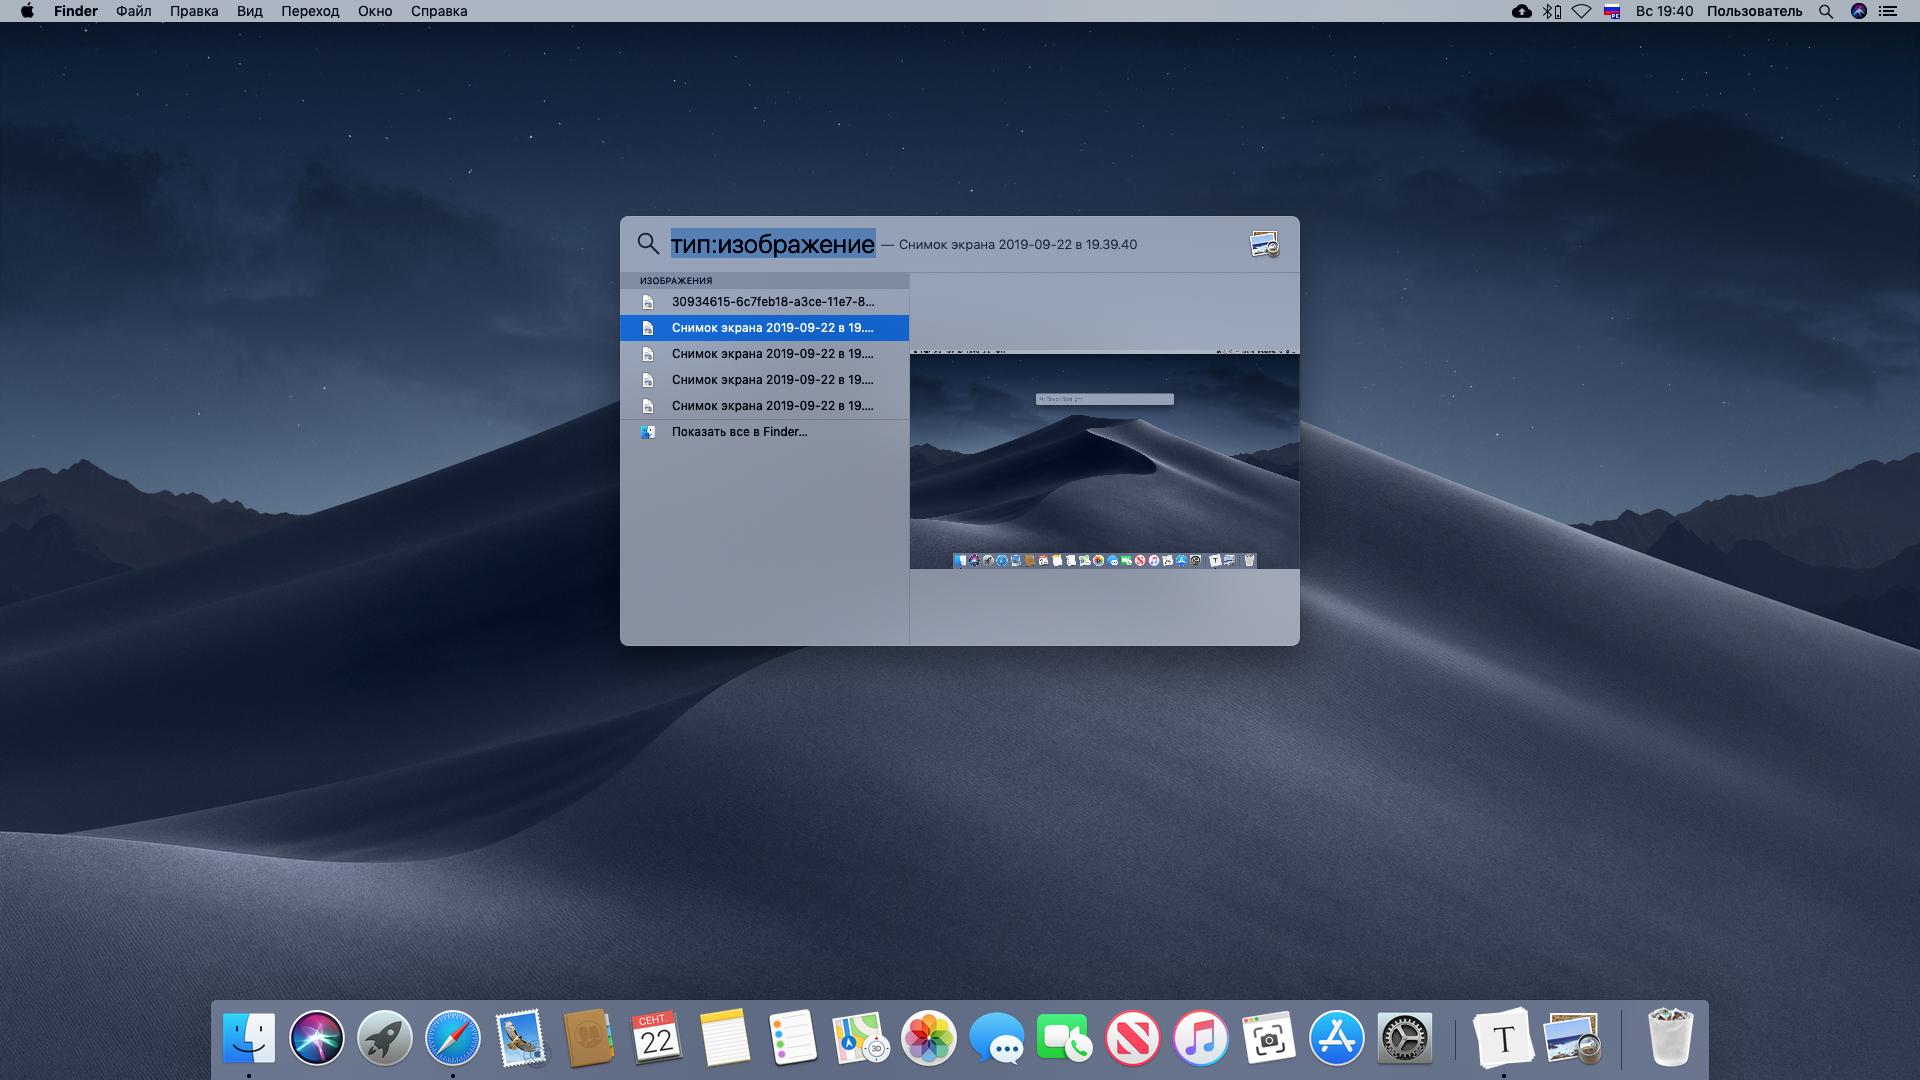 Настройка на Mac поиска по типам файлов